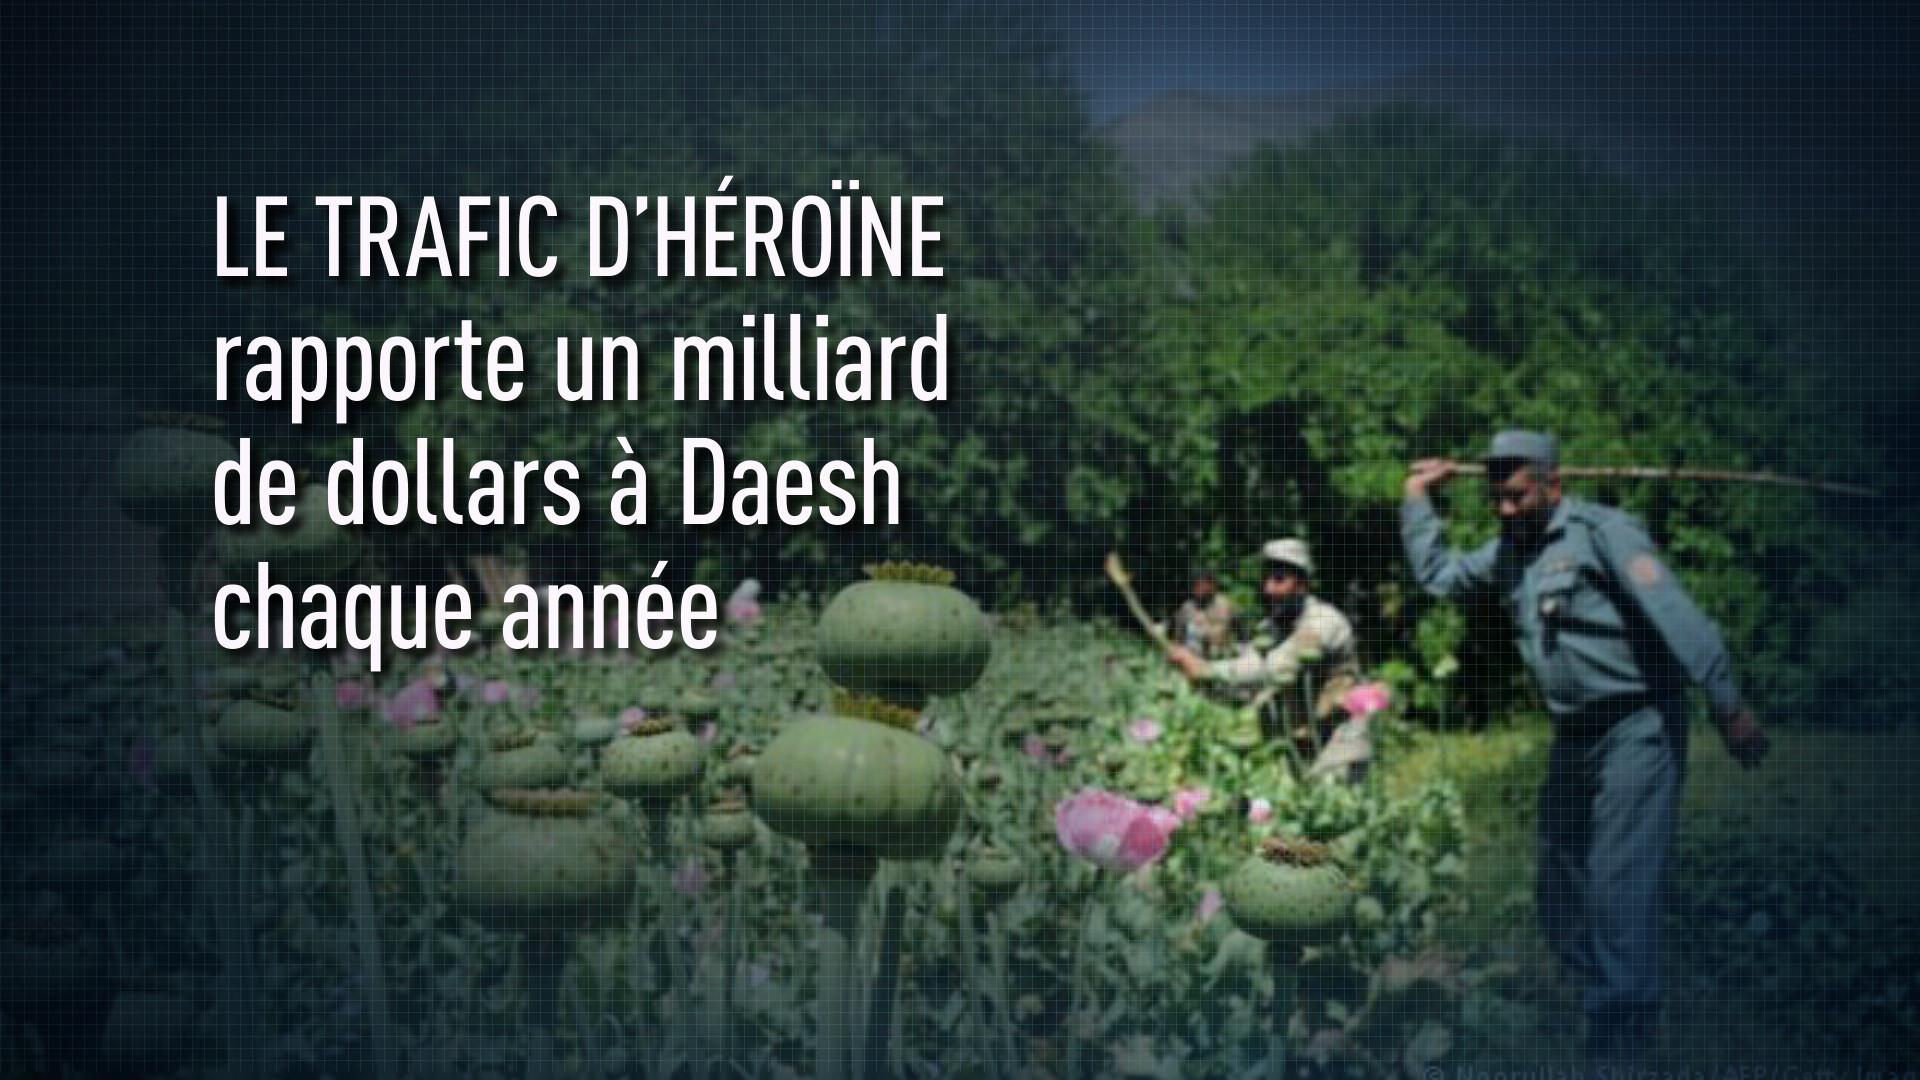 L'héroïne afghane rapporte à Daesh un milliard de dollars par an